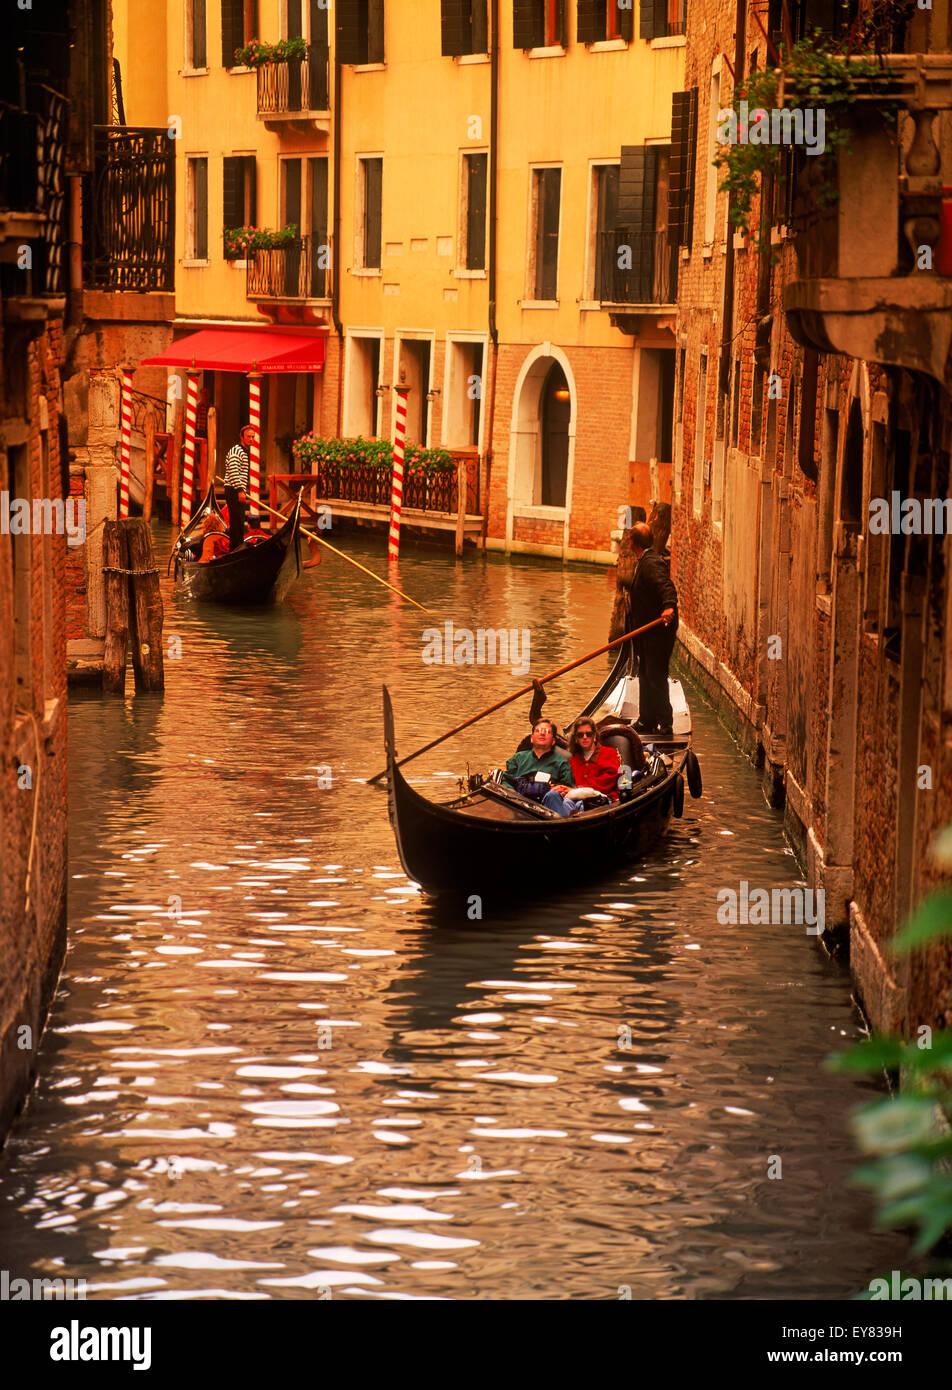 Gefüllt mit Touristen vorbei auf schmalen Kanälen in Venedig Gondeln Stockbild